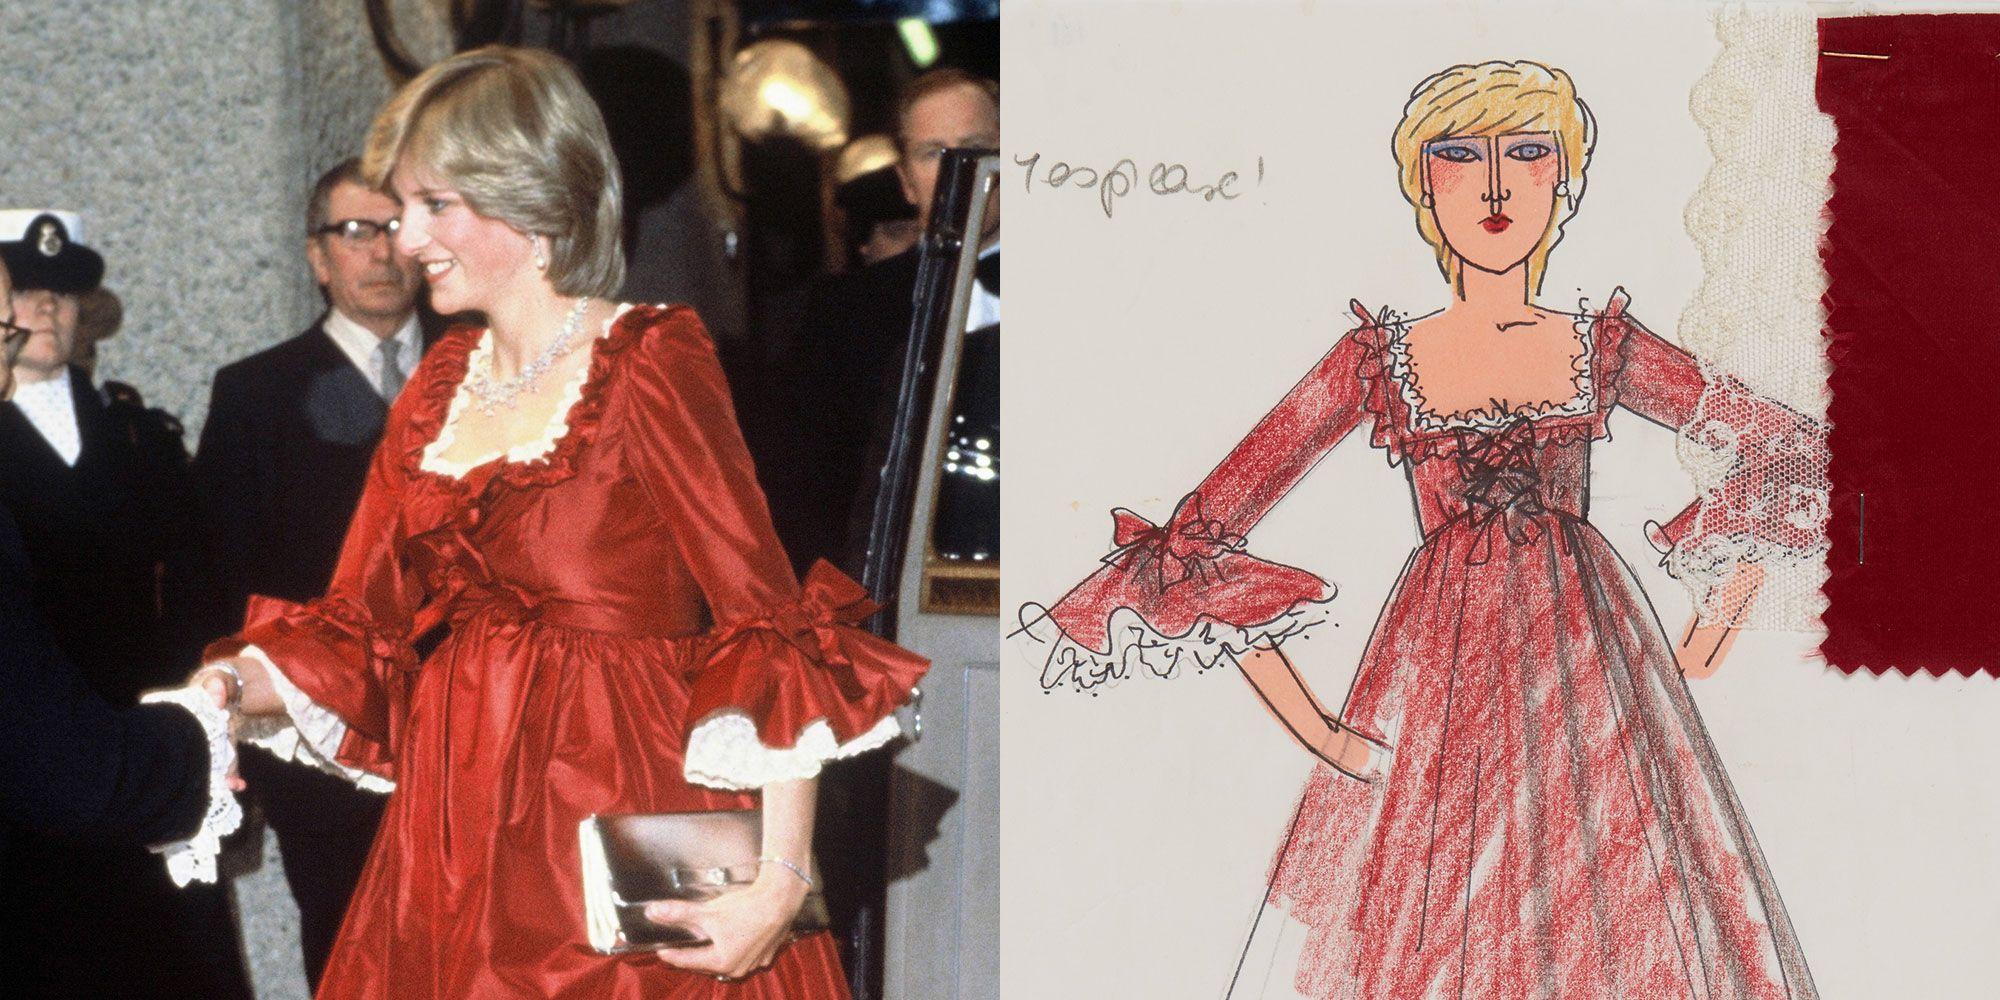 Rare Sketches of Princess Diana's Iconic Wardrobe Go on Display at Kensington Palace